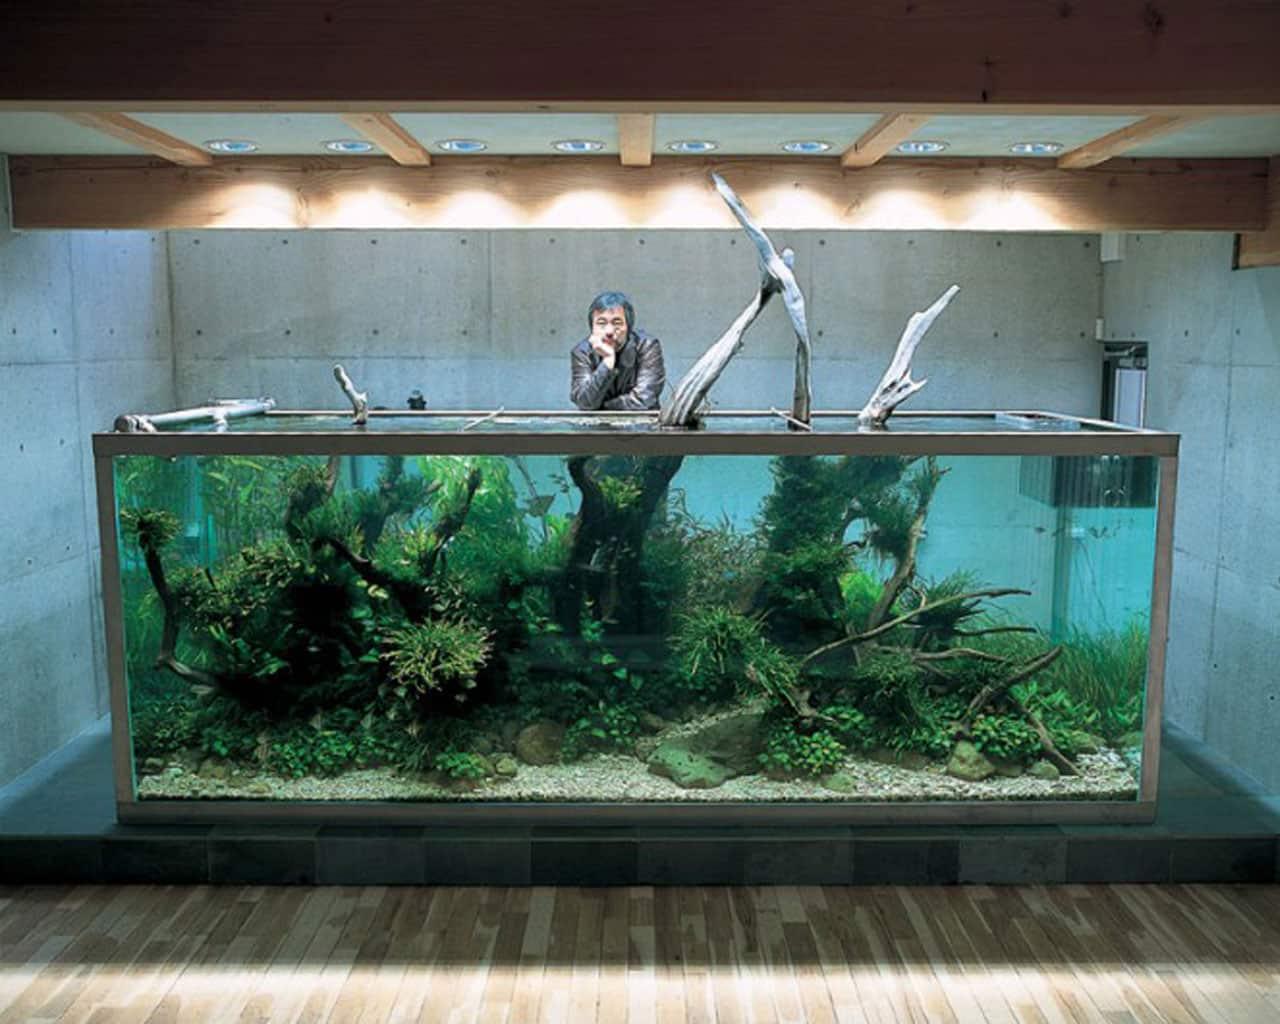 """Morre o Mestre dos aquários plantados """"Takashi Amano"""" Morre-o-precursor-do-aquapaisagismo-Takashi-Amano."""